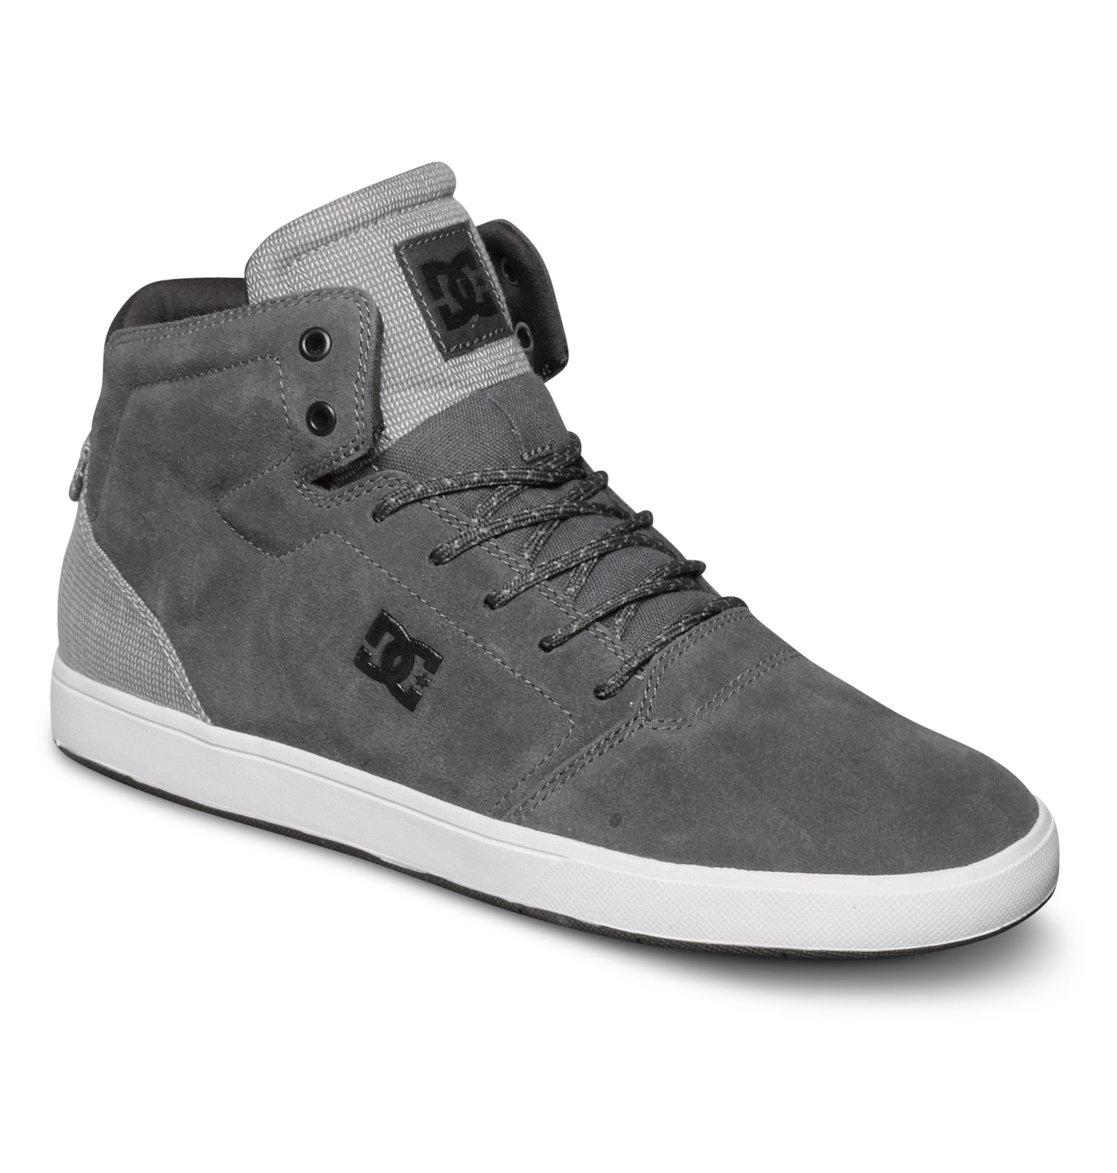 eb0cddd66cf 1 Crisis - Zapatillas de caña alta para Hombre ADYS100032 DC Shoes